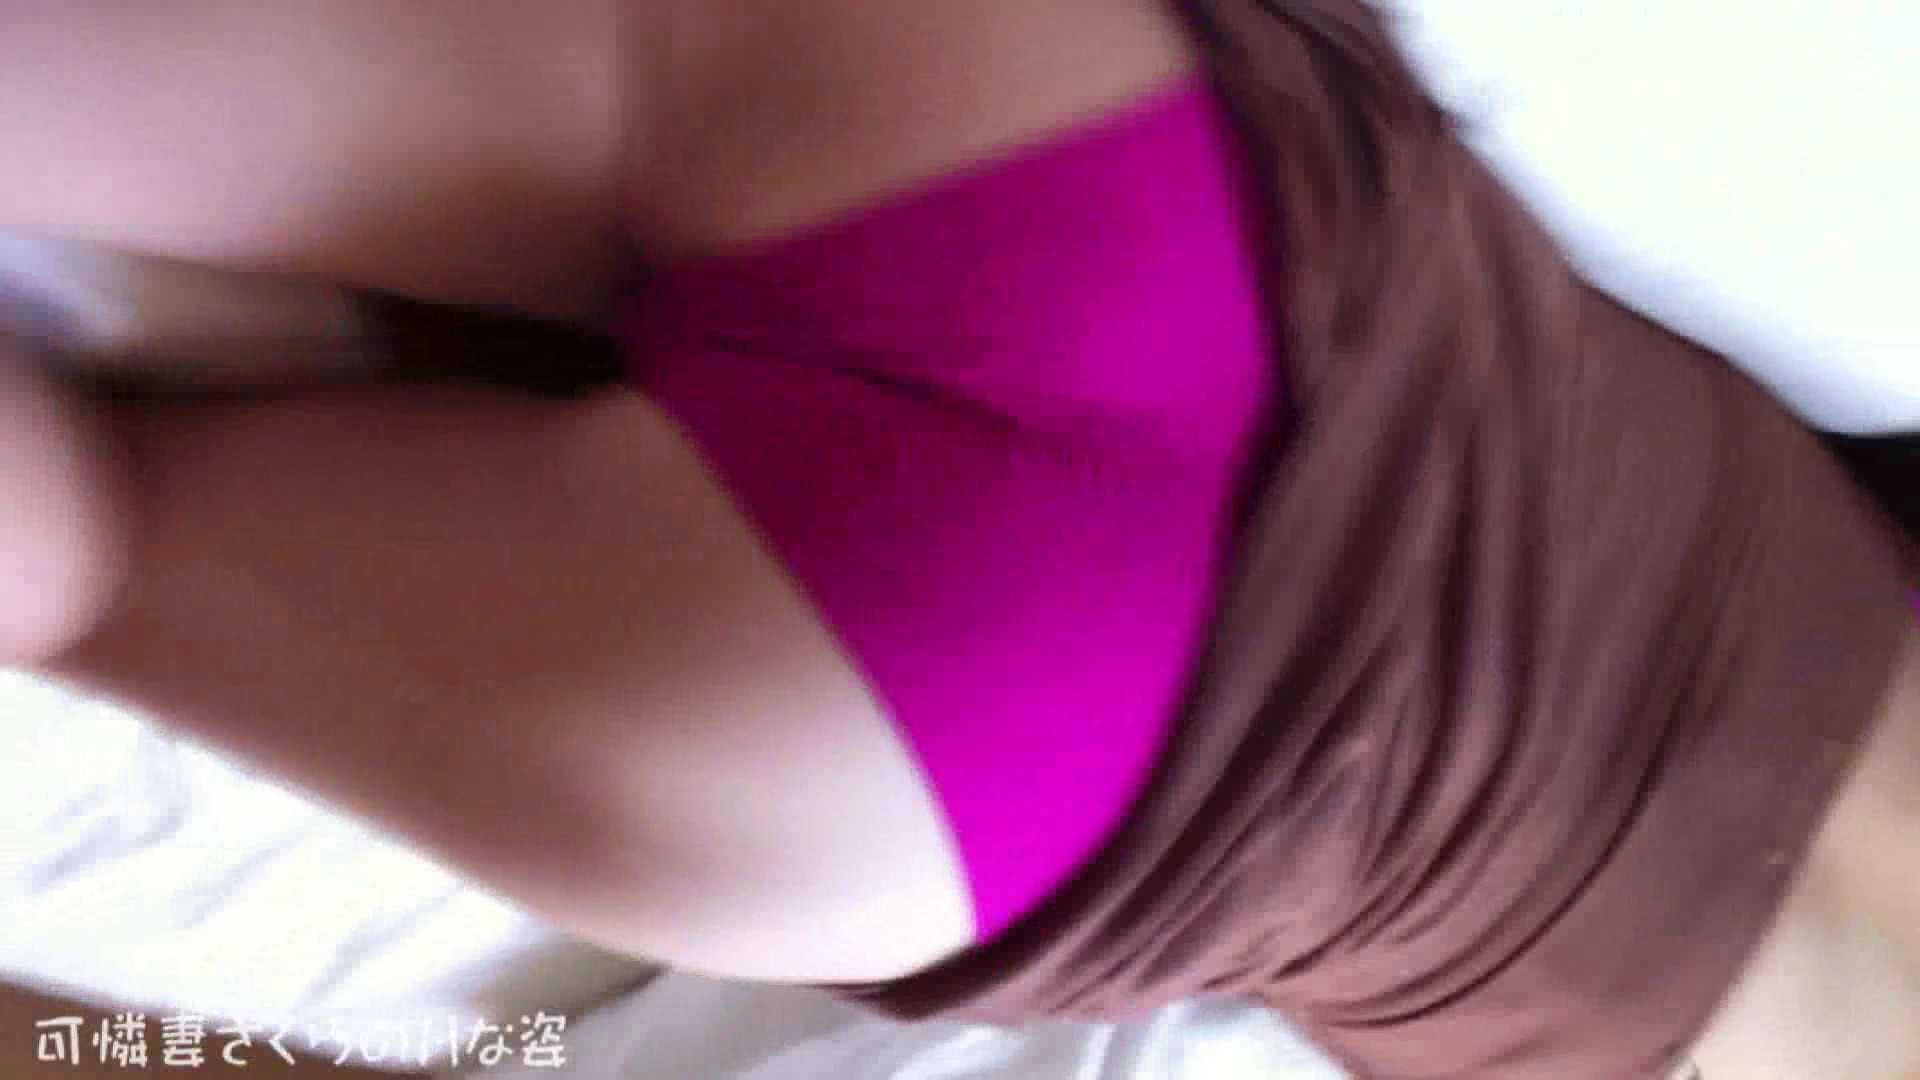 可憐妻さくらのHな姿vol.24 美乳ガールズ 盗撮画像 68pic 4